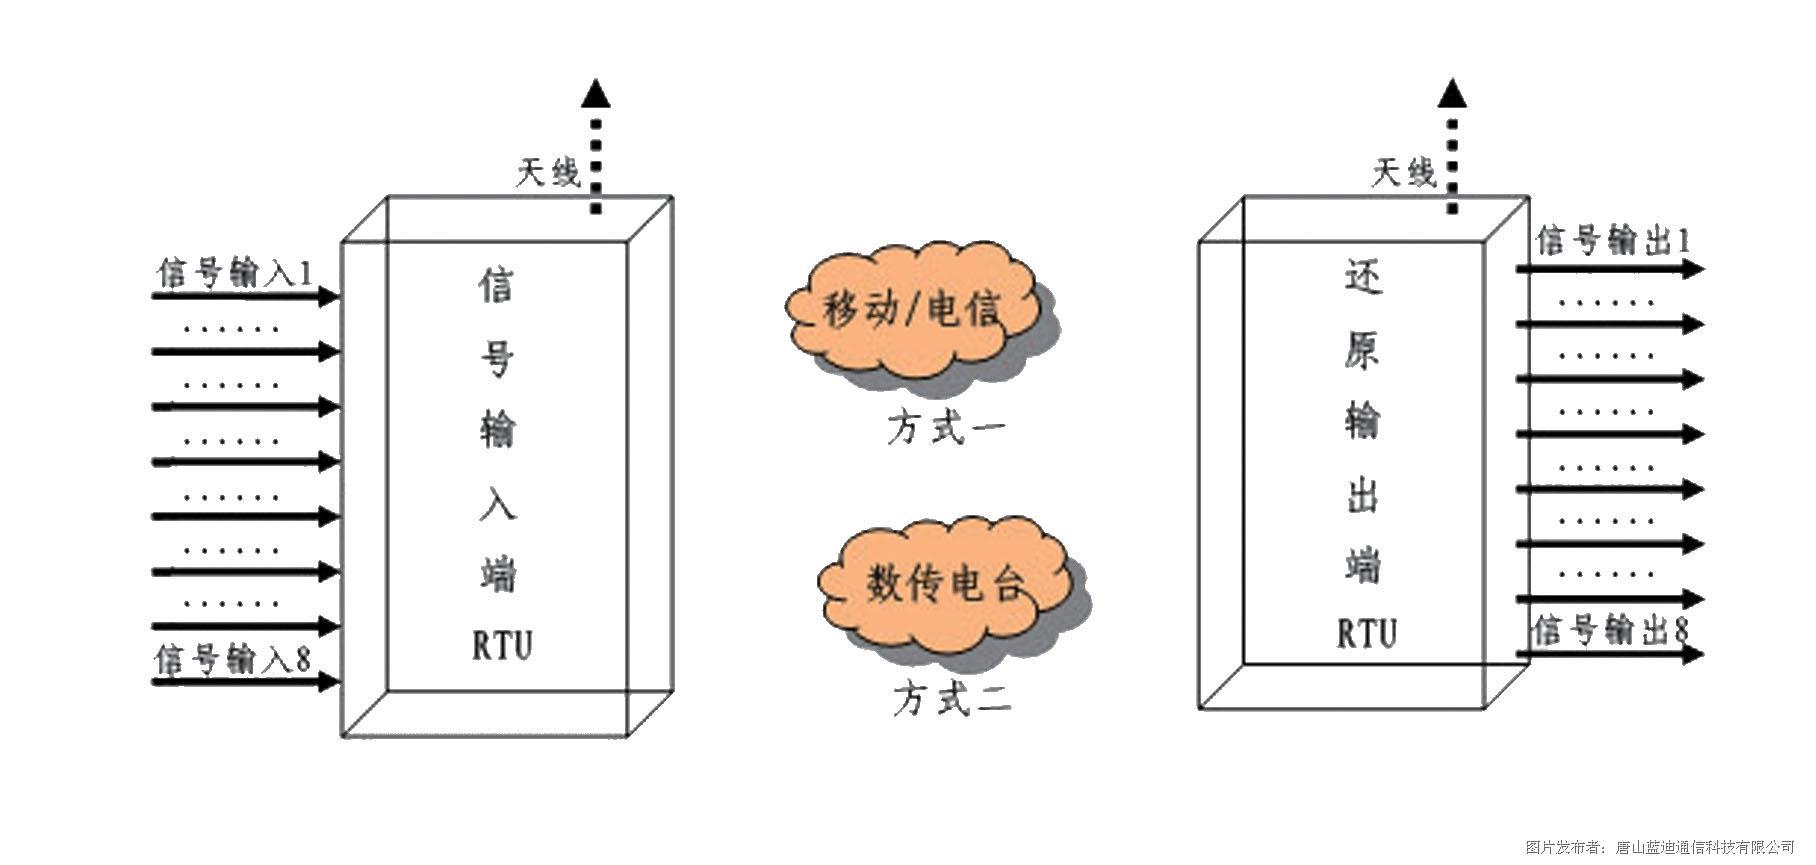 信号采集远程还原终端(RTU)